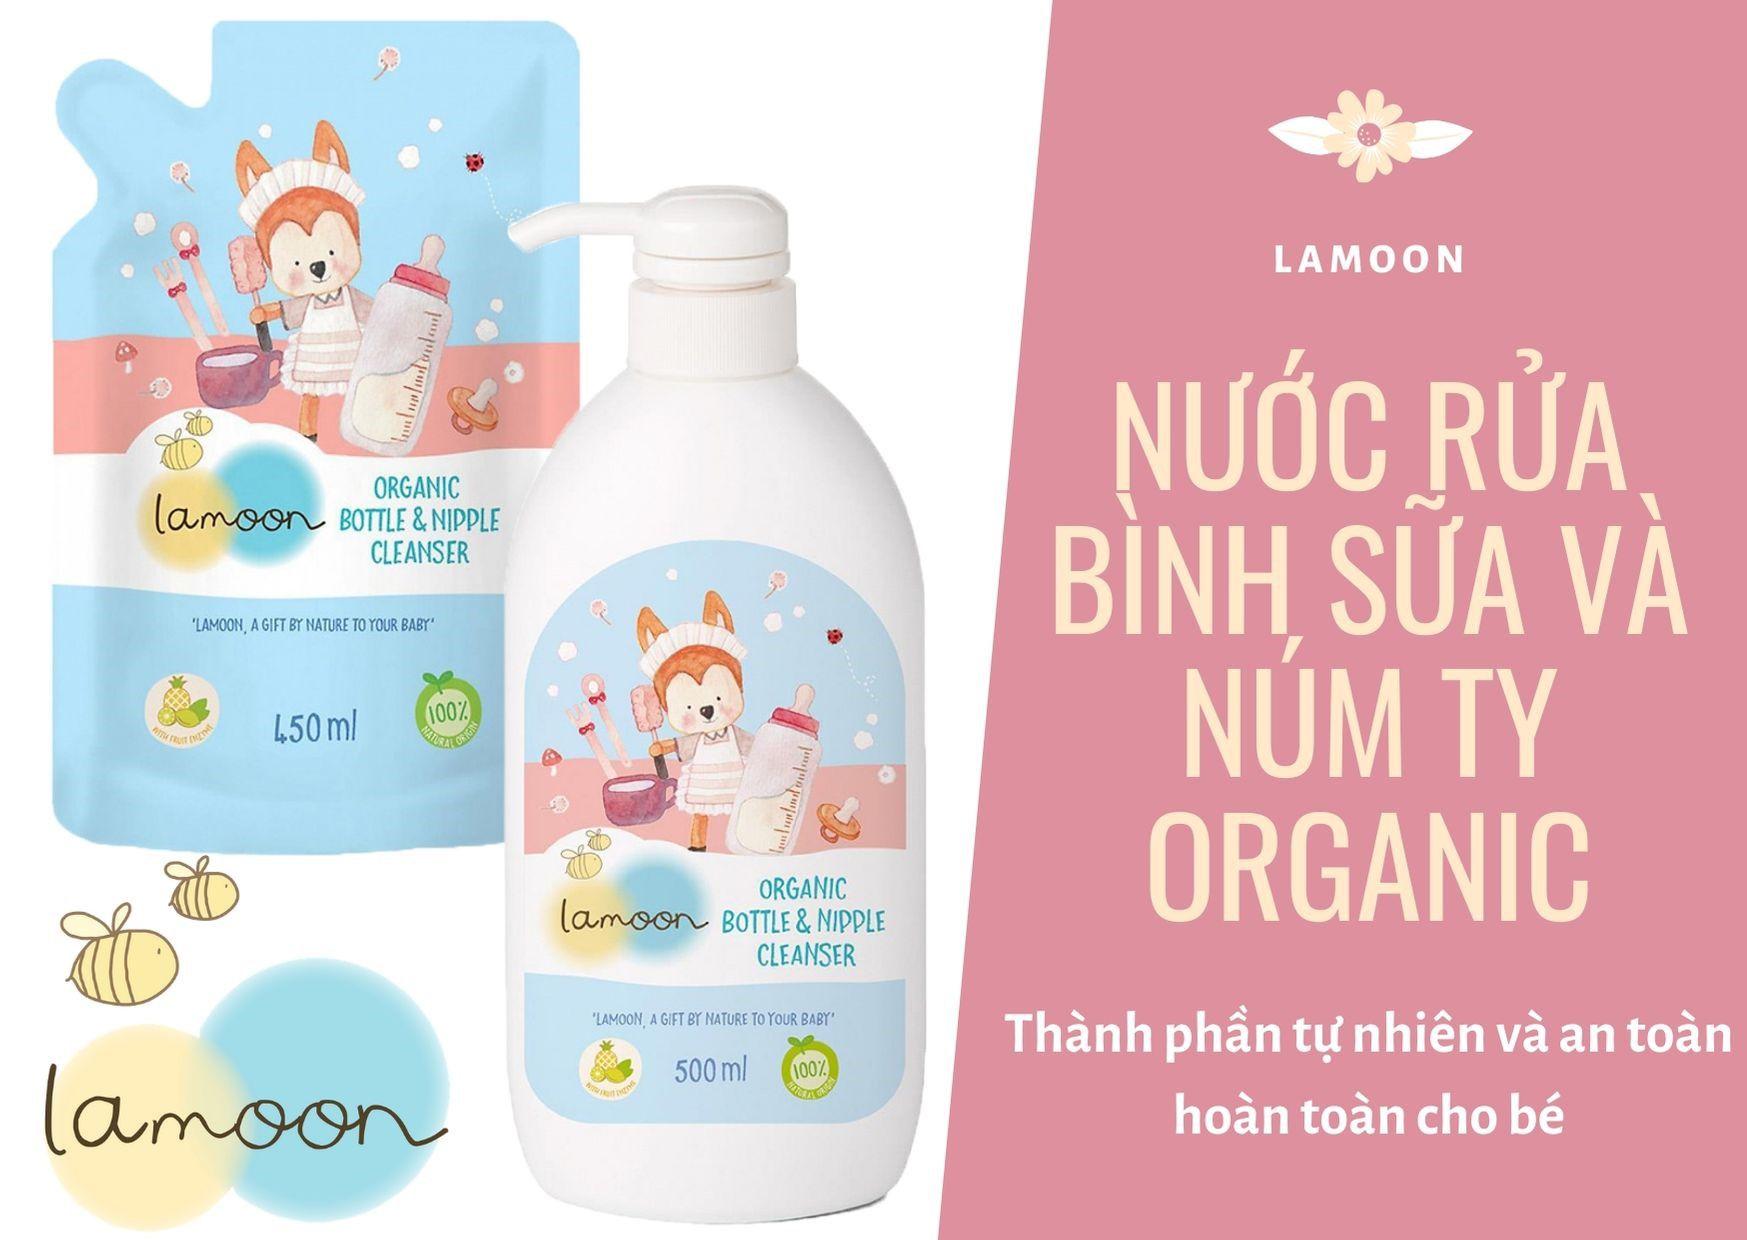 Nước rửa bình sữa và núm ty Organic cho bé Lamoon - Bình 500ml